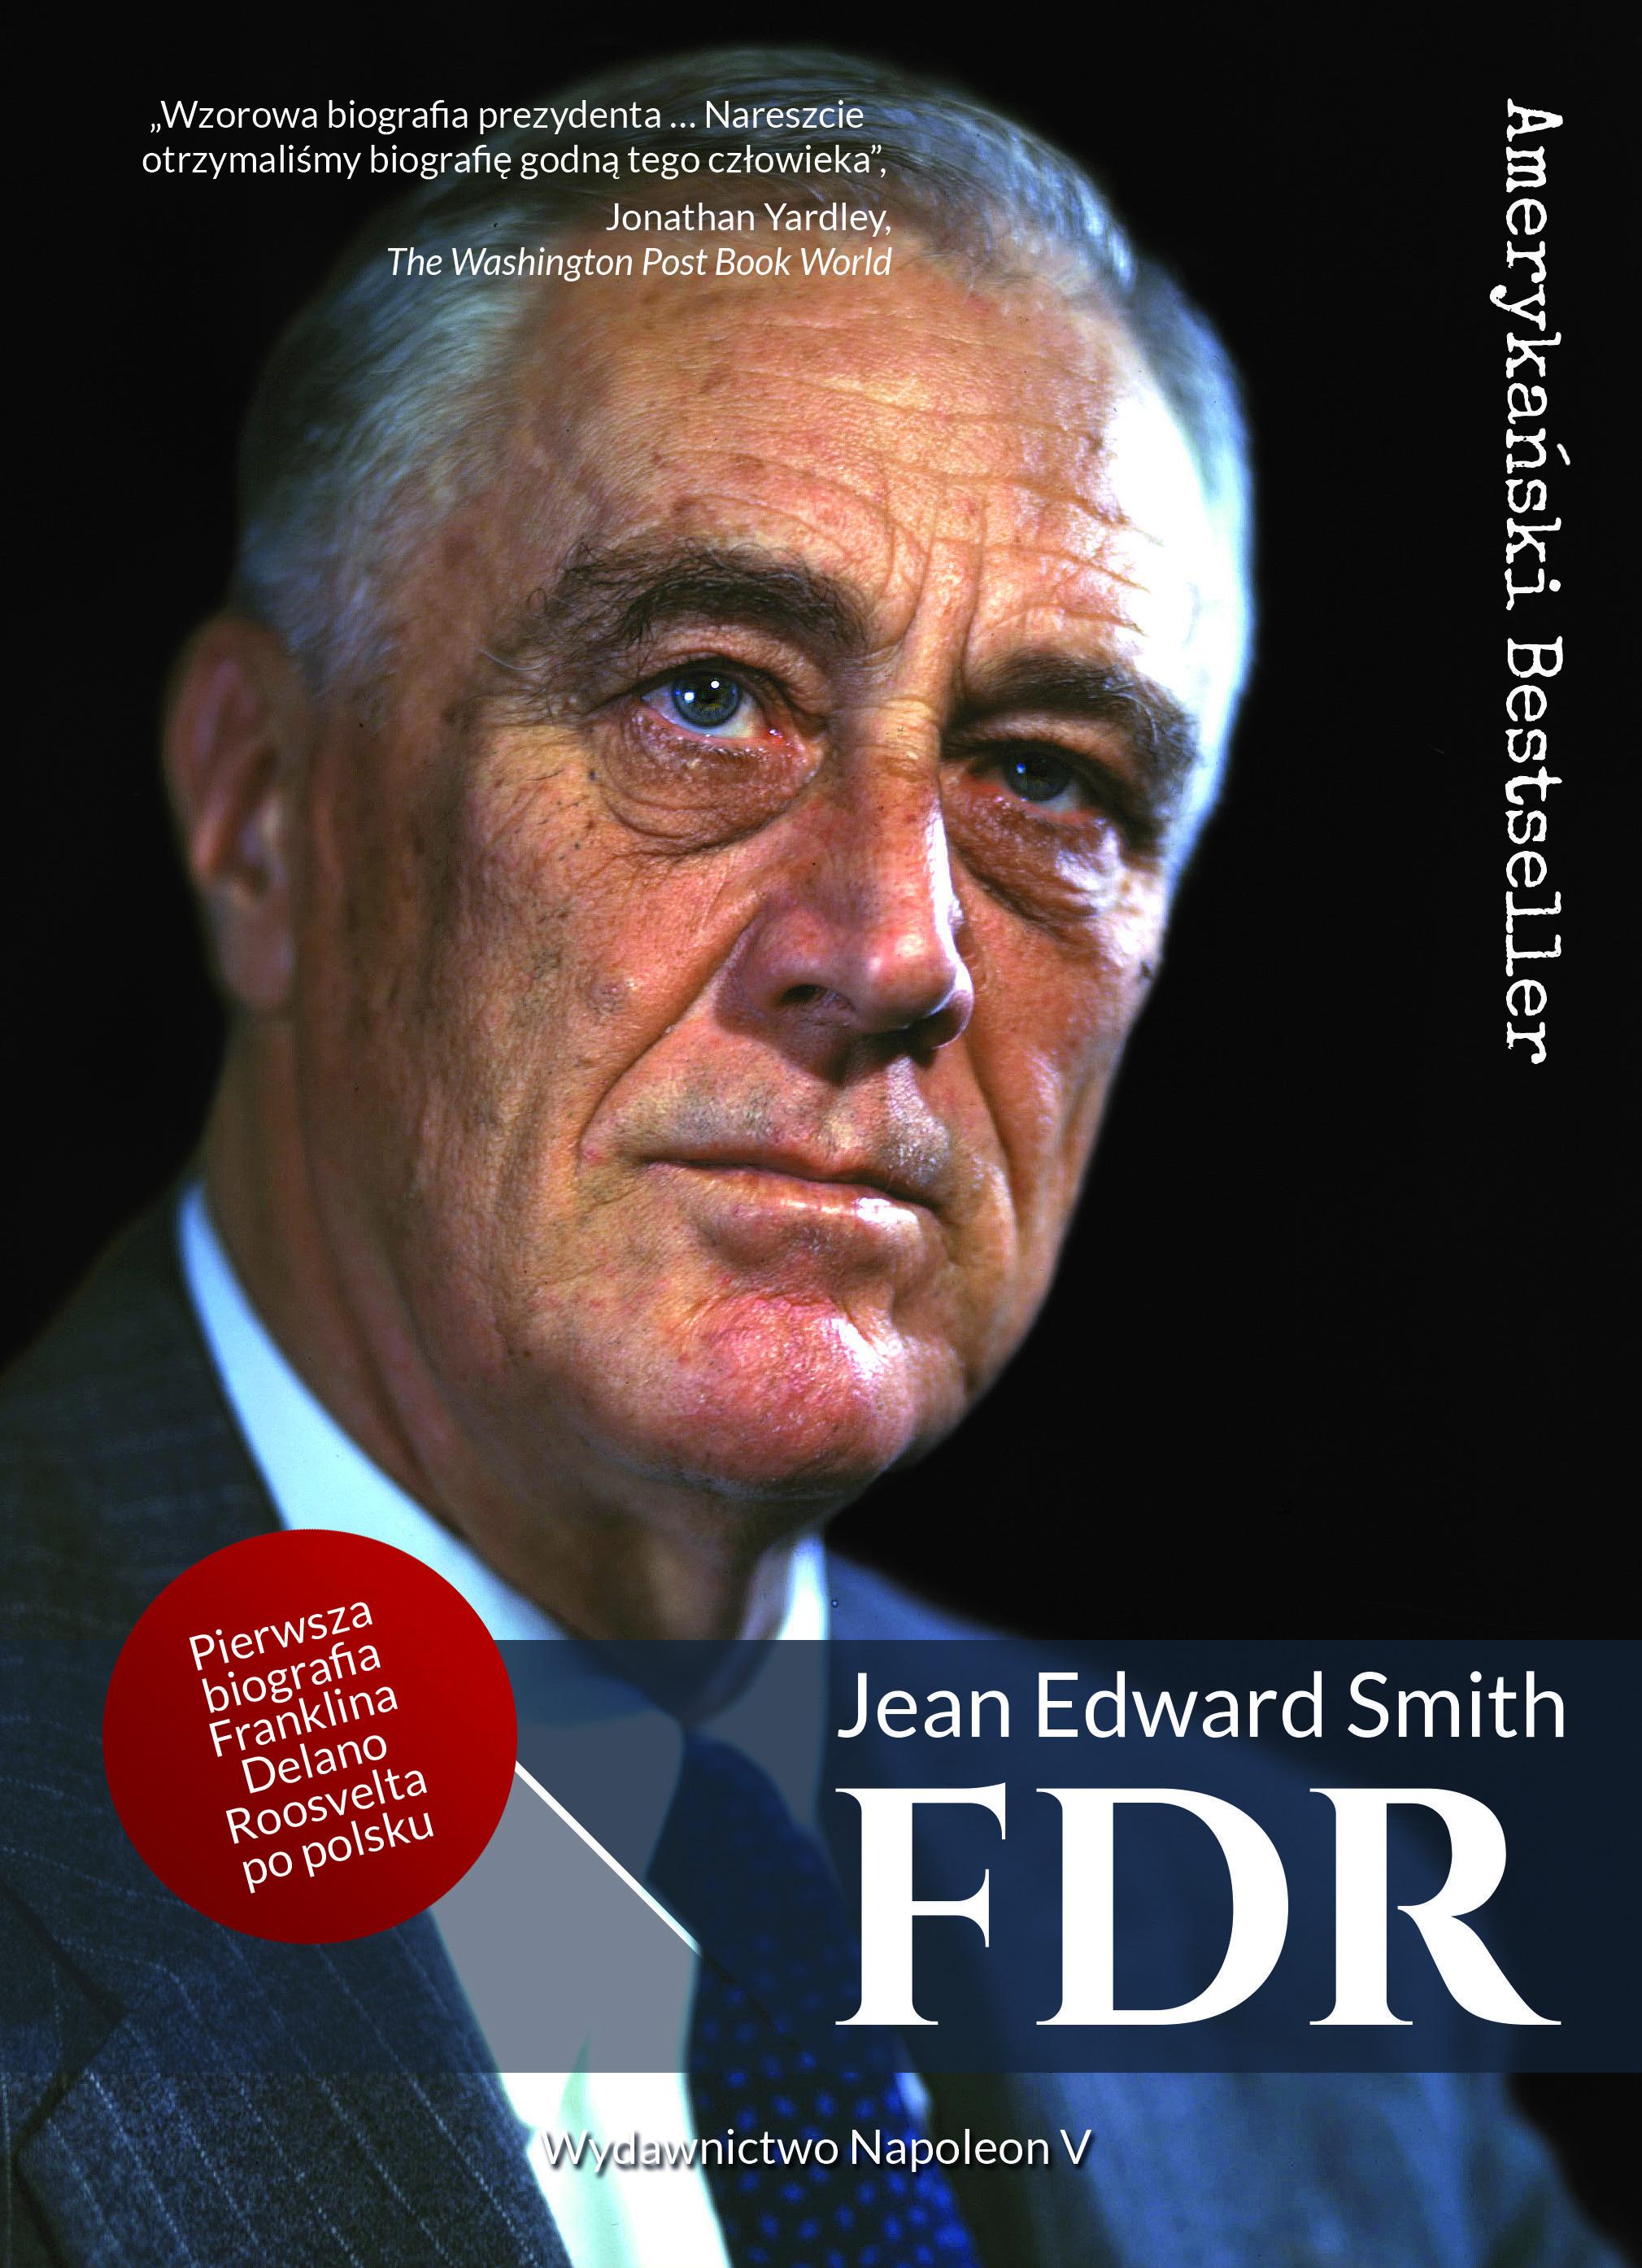 """Artykuł powstał między innymi w oparciu o biografię Roosevelta autorstwa Jeana Edwarda Smitha pt. <a  data-cke-saved-href=""""http://napoleonv.pl/p/7/977/fdr-franklin-delano-roosevelt--biografie.html"""" href=""""http://napoleonv.pl/p/7/977/fdr-franklin-delano-roosevelt--biografie.html"""" target=""""_blank"""" rel=""""noopener"""">""""FDR. Franklin Delano Roosevelt""""</a>, wydaną niedawno nakładem wydawnictwa Napoleon V."""